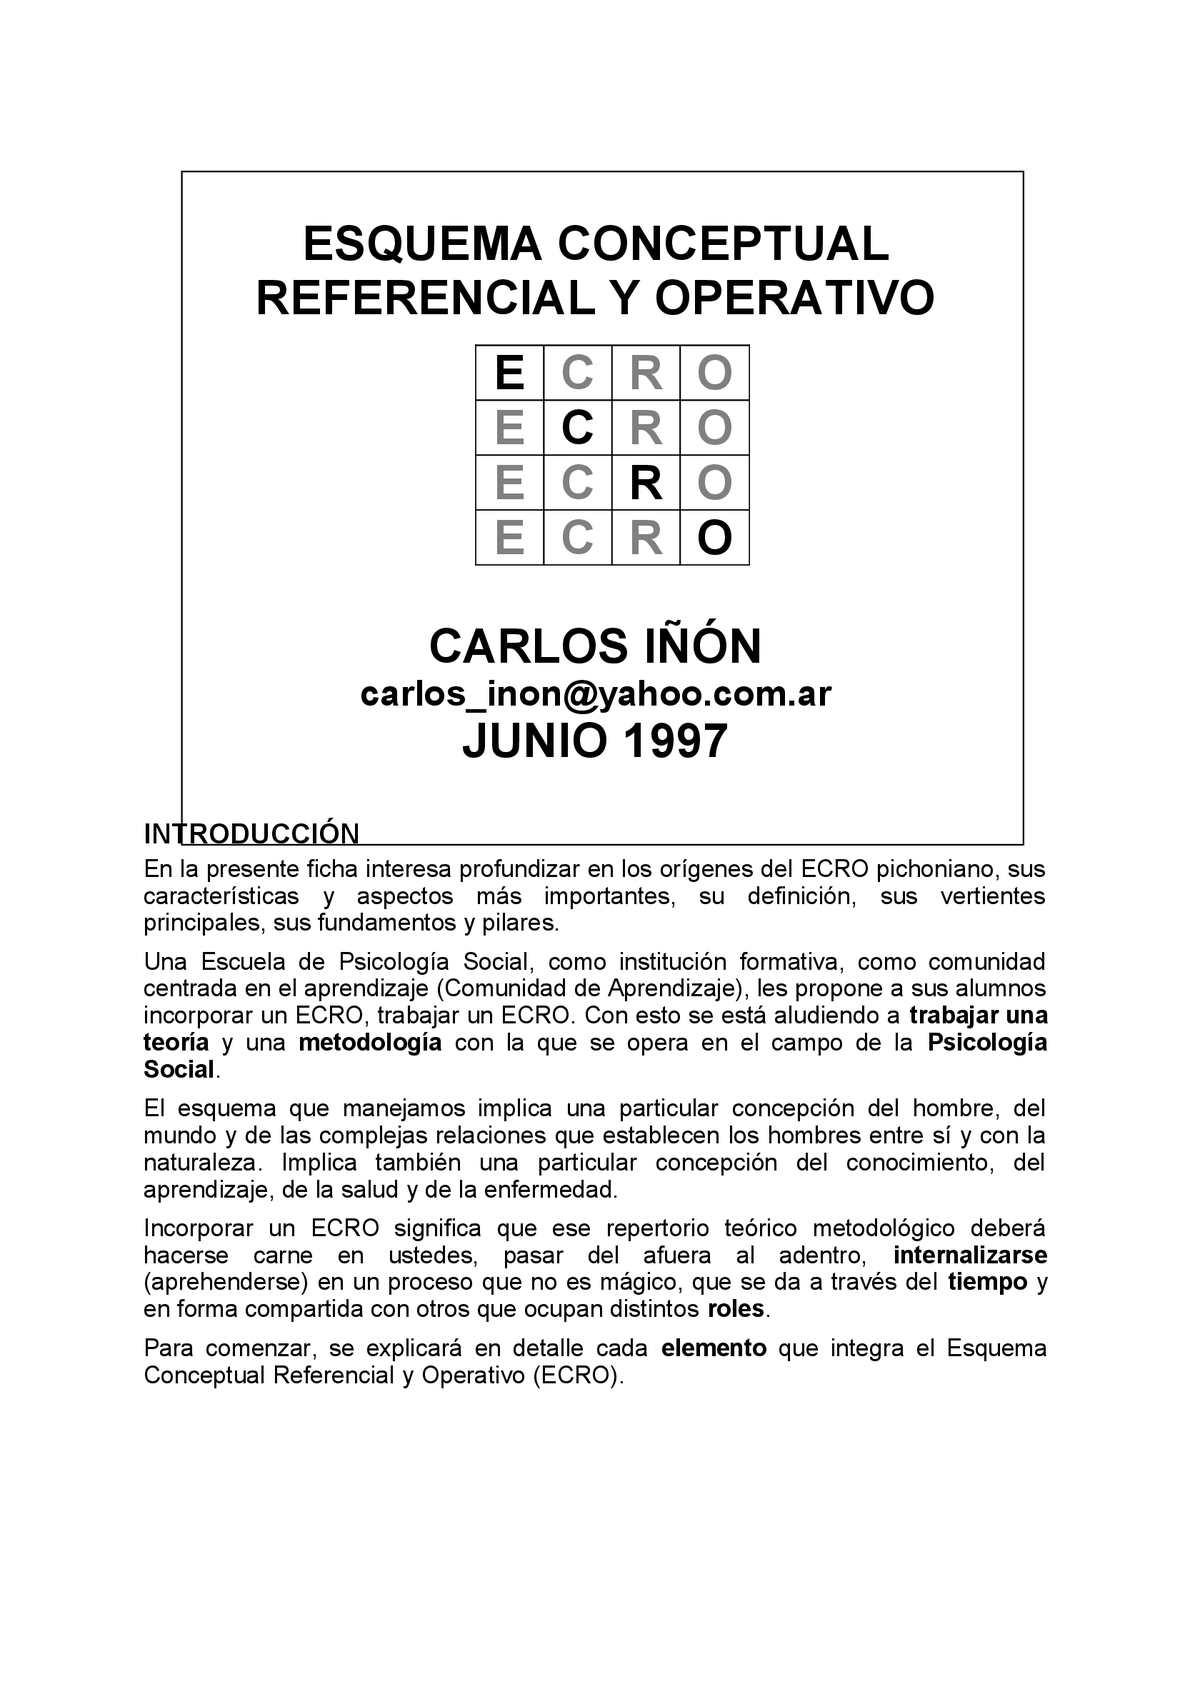 Esquema Conceptual, Referencial y Operativo del Dr. E. Pichon Rivière